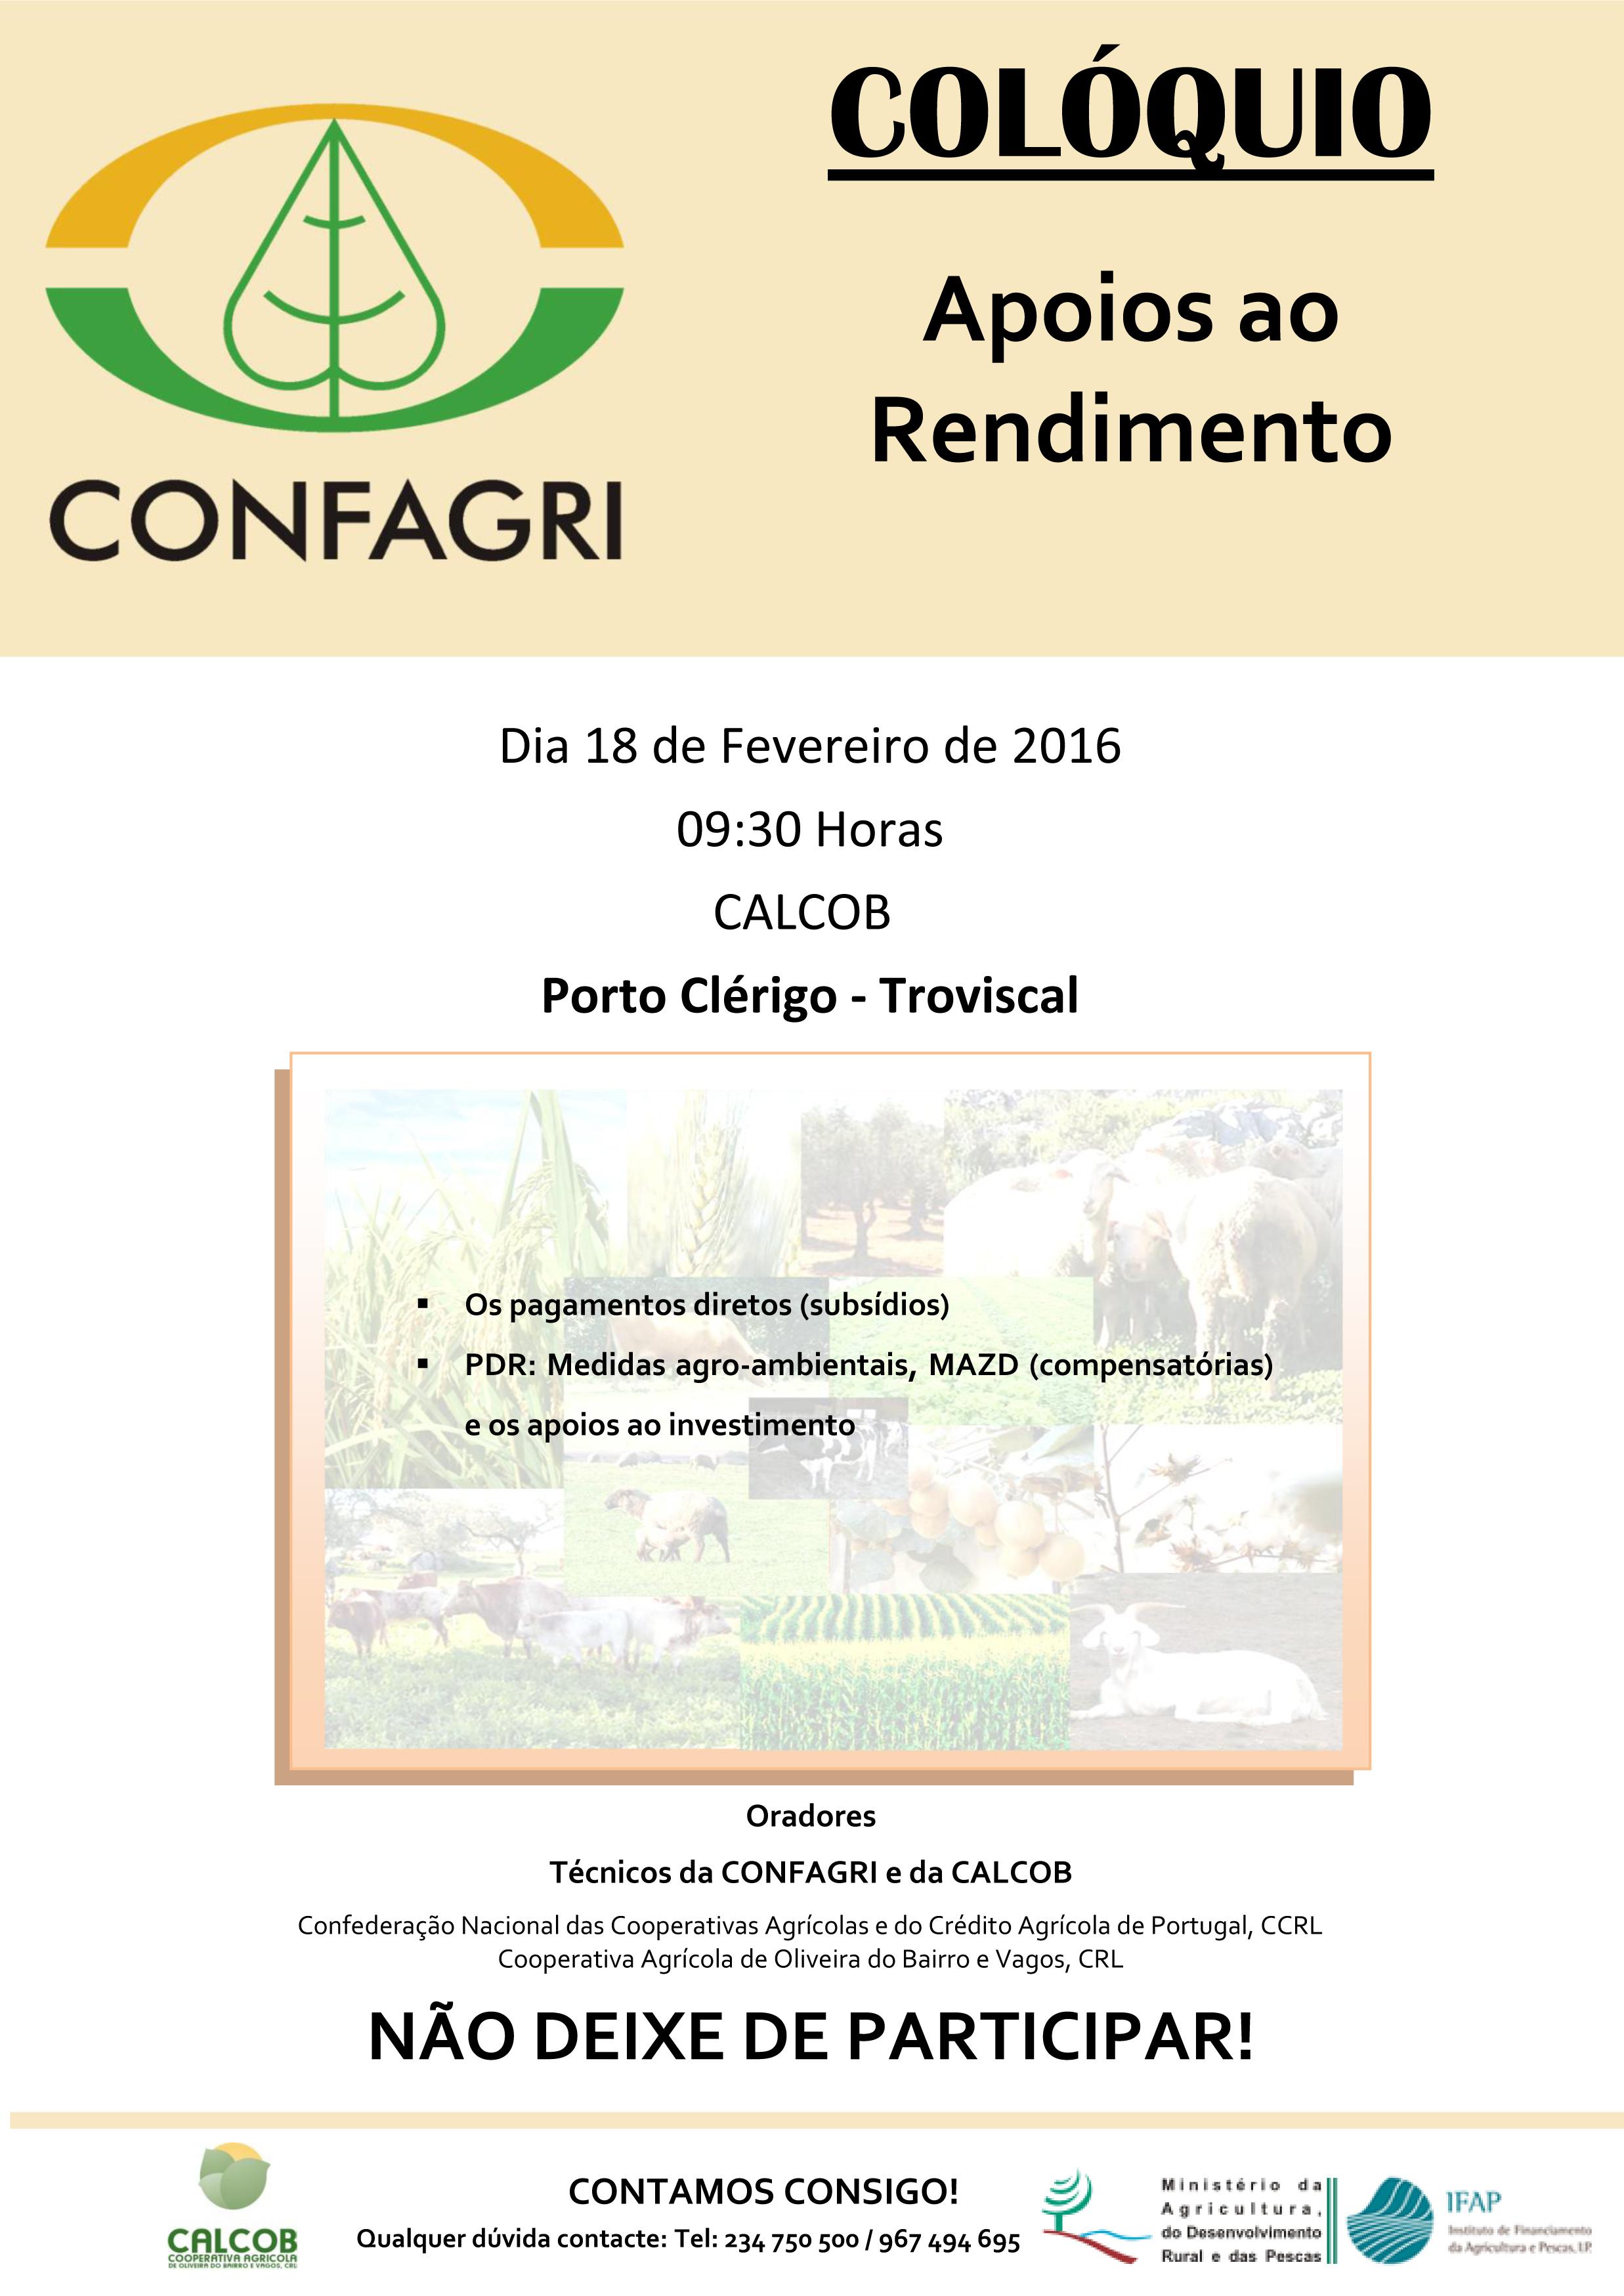 Colóquio APOIOS AO RENDIMENTO 2016